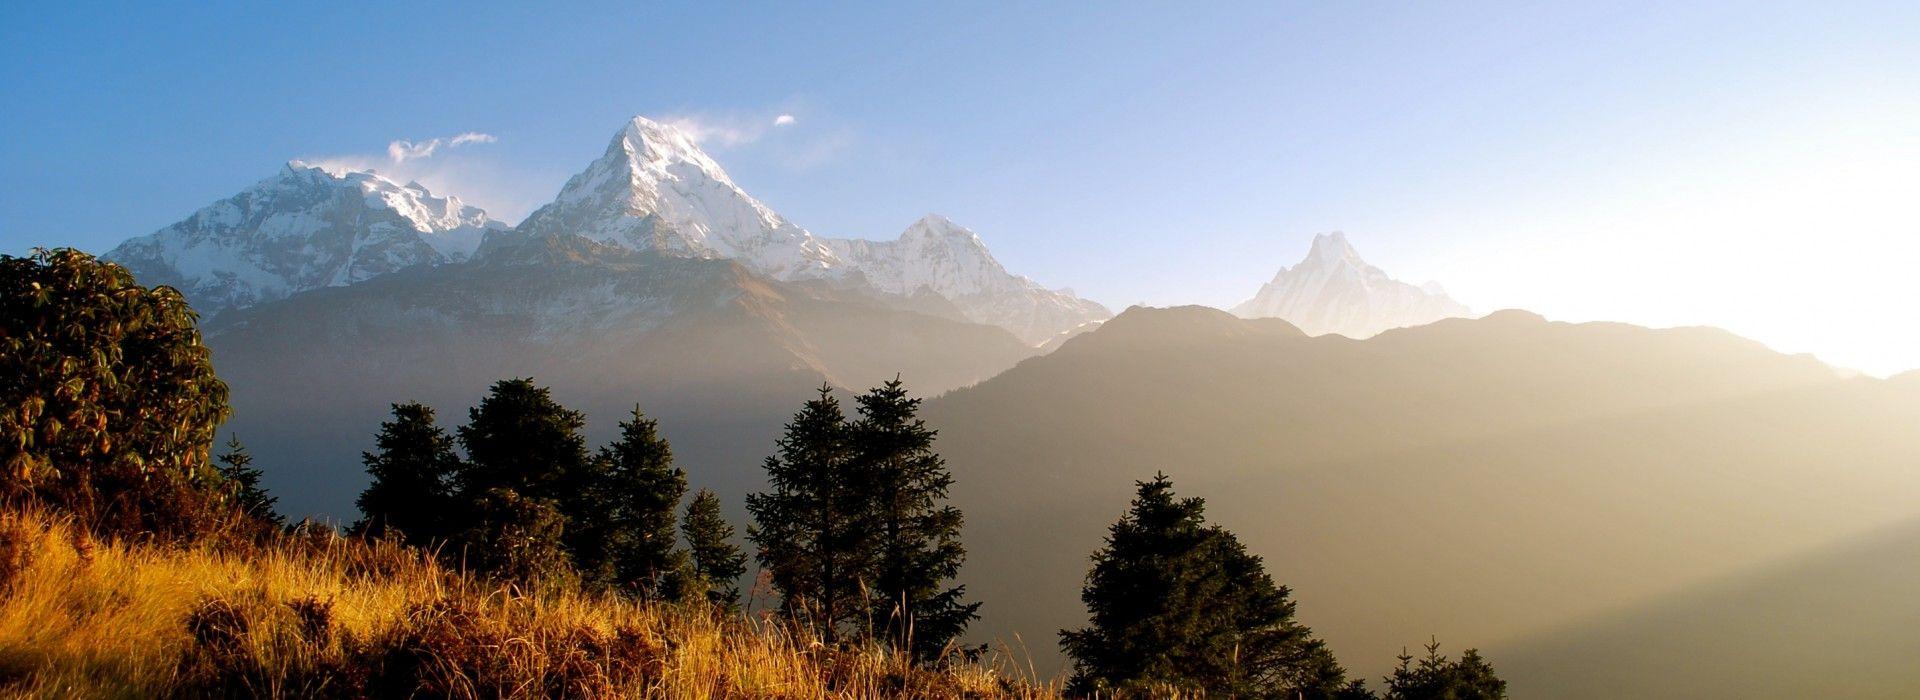 Walking tours in Everest Region